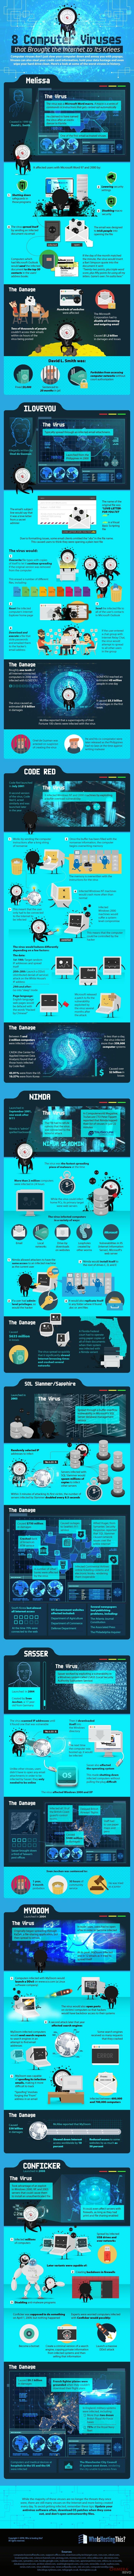 Gli 8 peggiori virus della storia